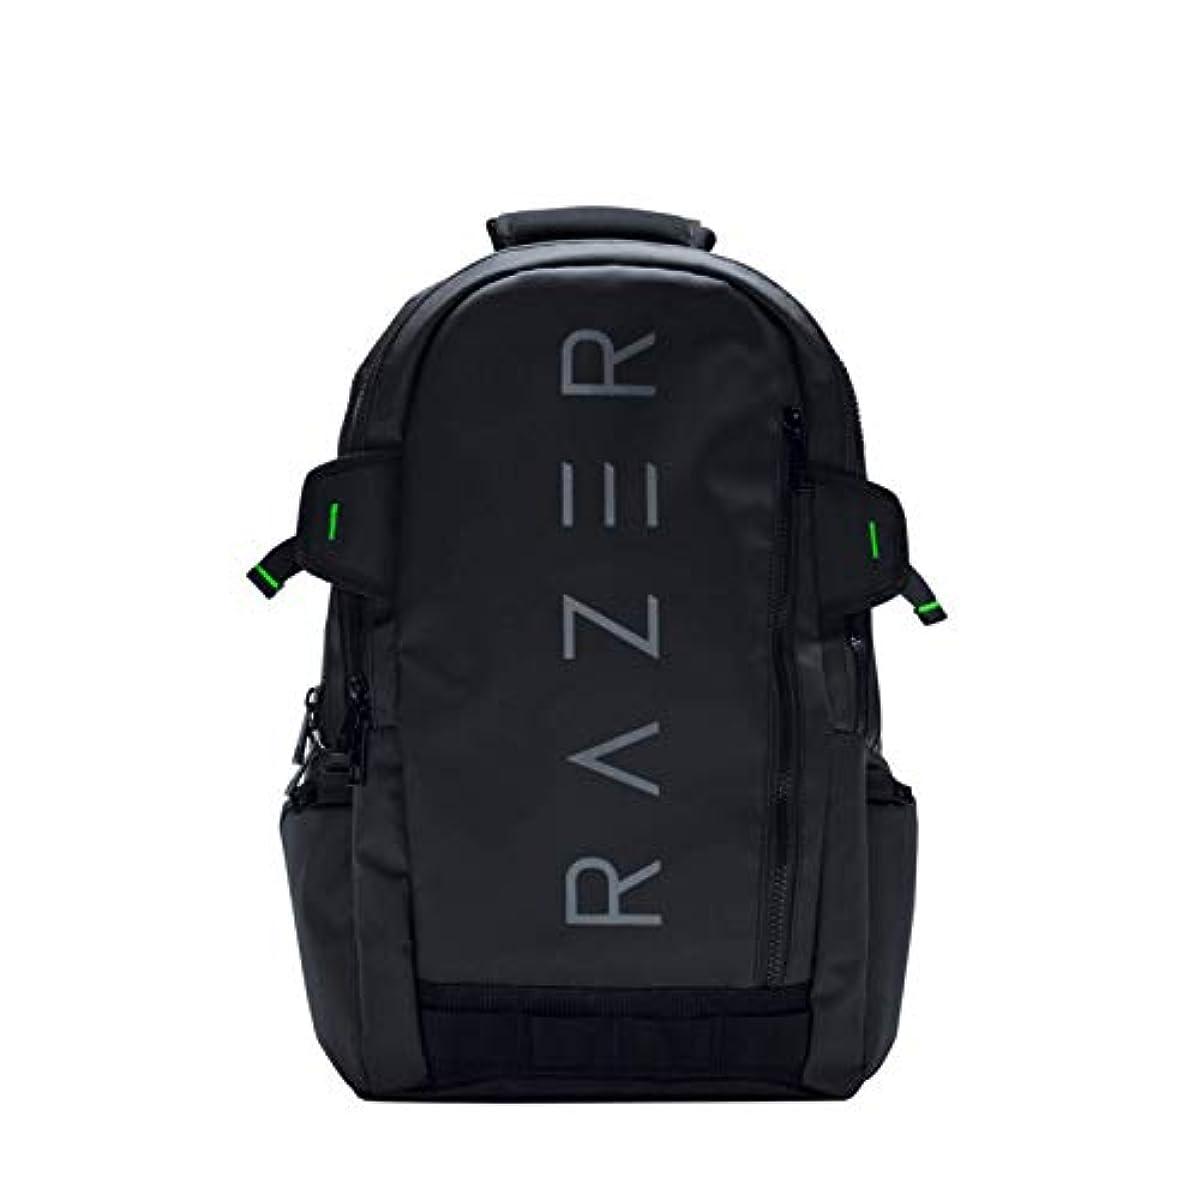 [해외] RAZER ROGUE BACKPACK - 당신의 게임을 즐긴다 - 최대15인치의 랩톱에 피트